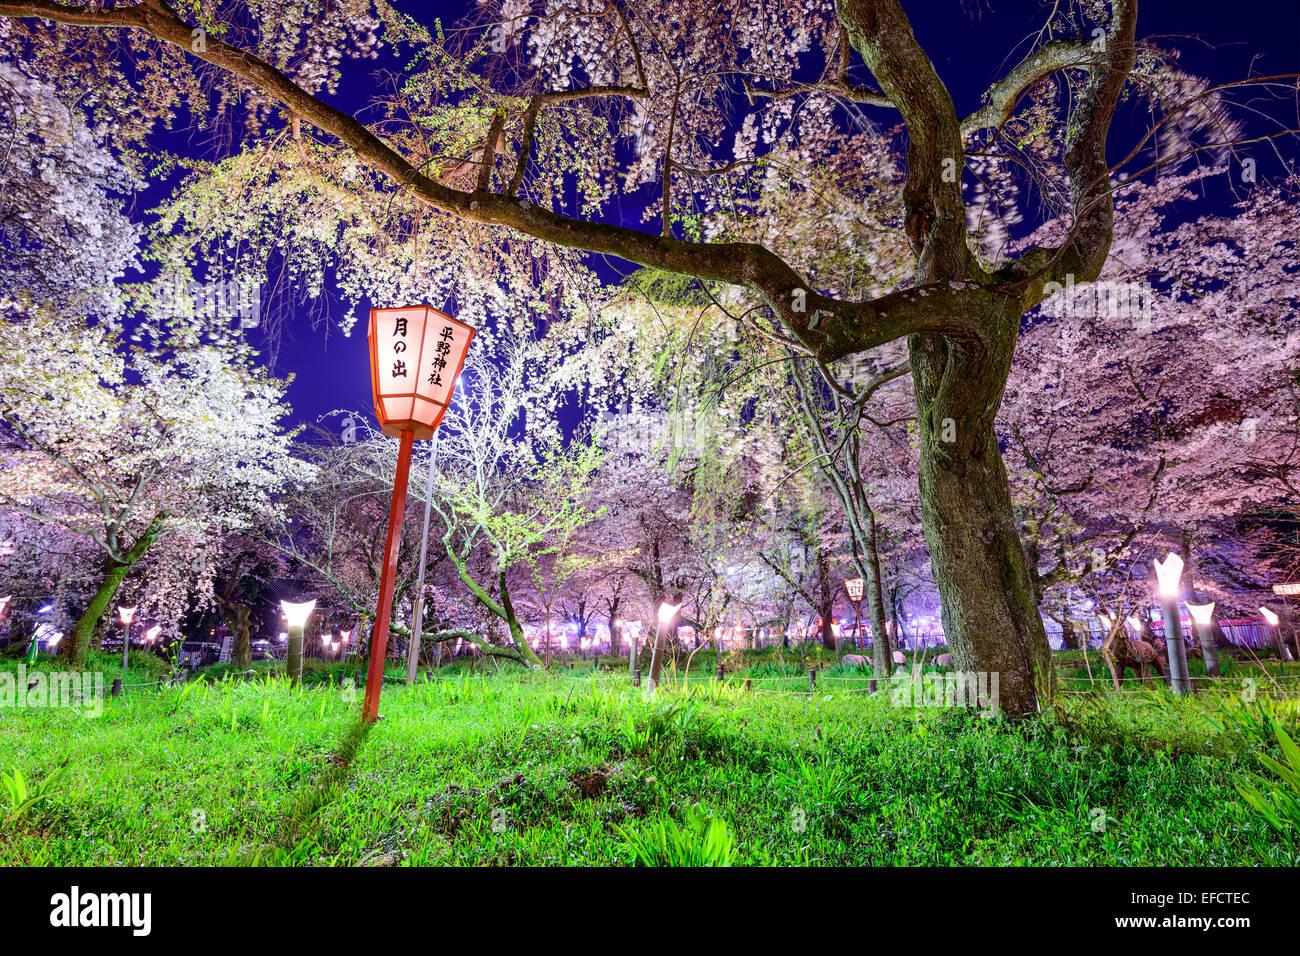 Kyoto, Japón en Hirano templo festival grounds en primavera. La linterna se dice 'Moonrise, Hirano Templo' Imagen De Stock